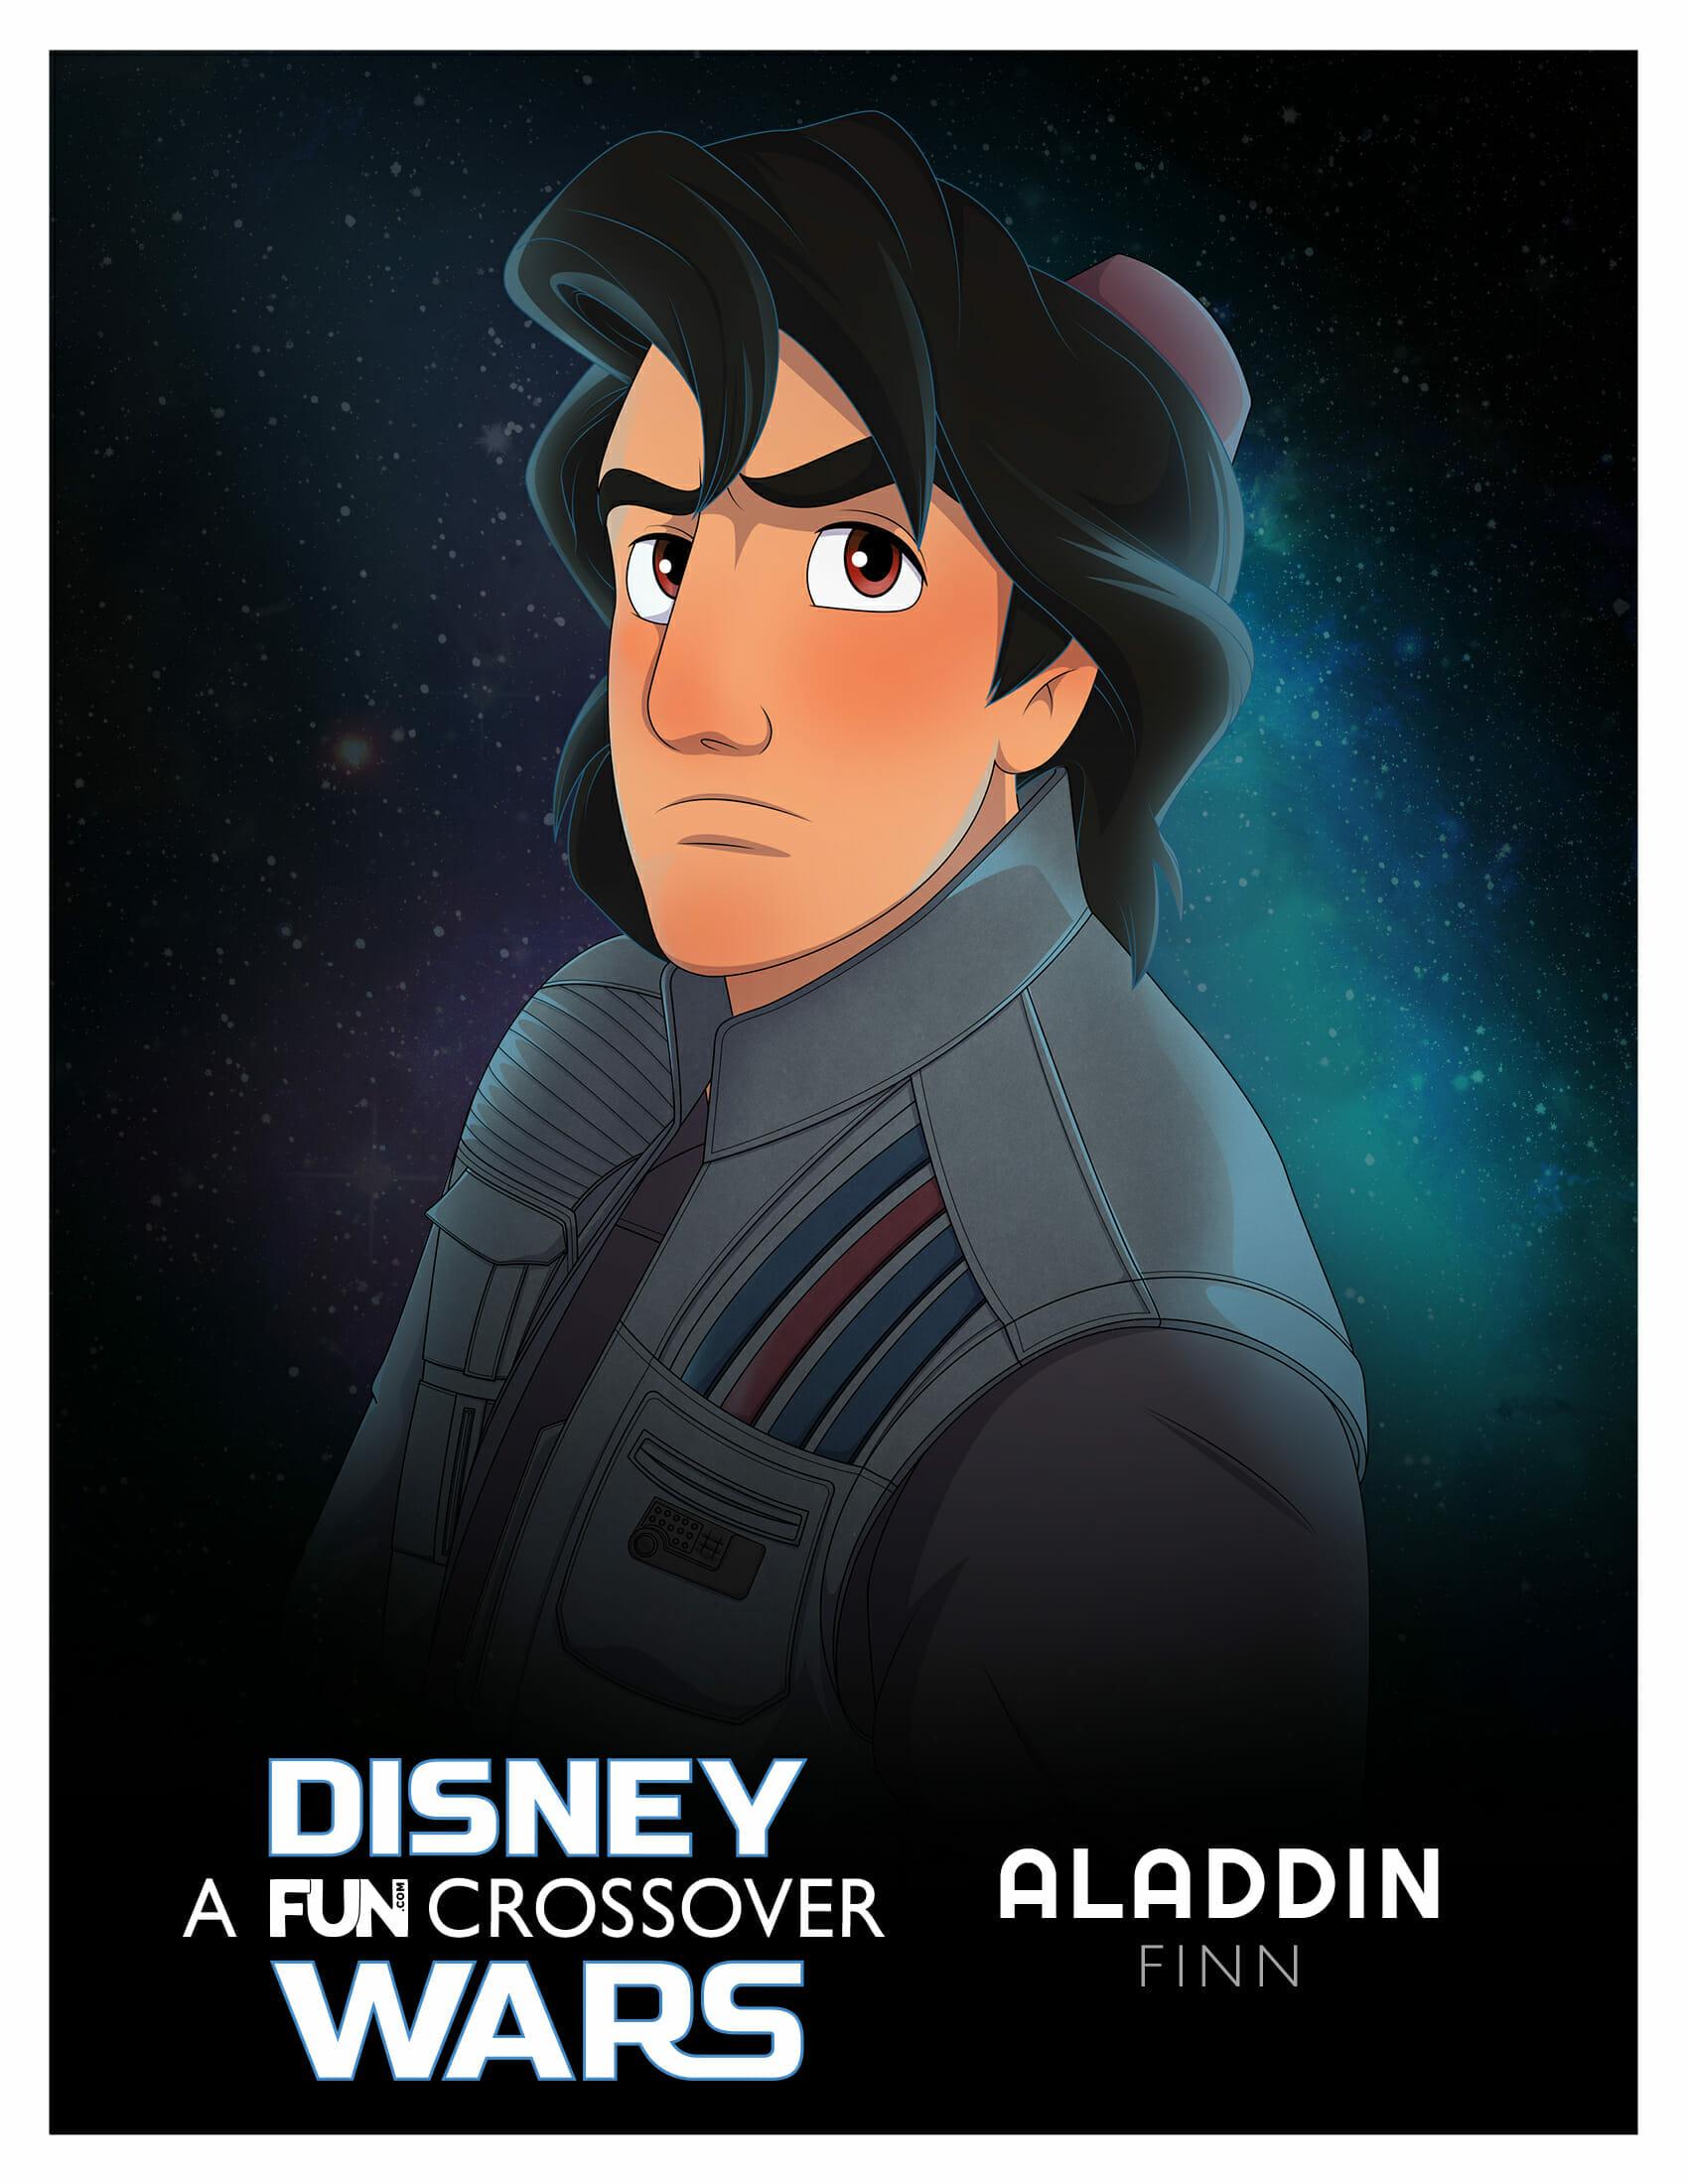 Aladdin Finn